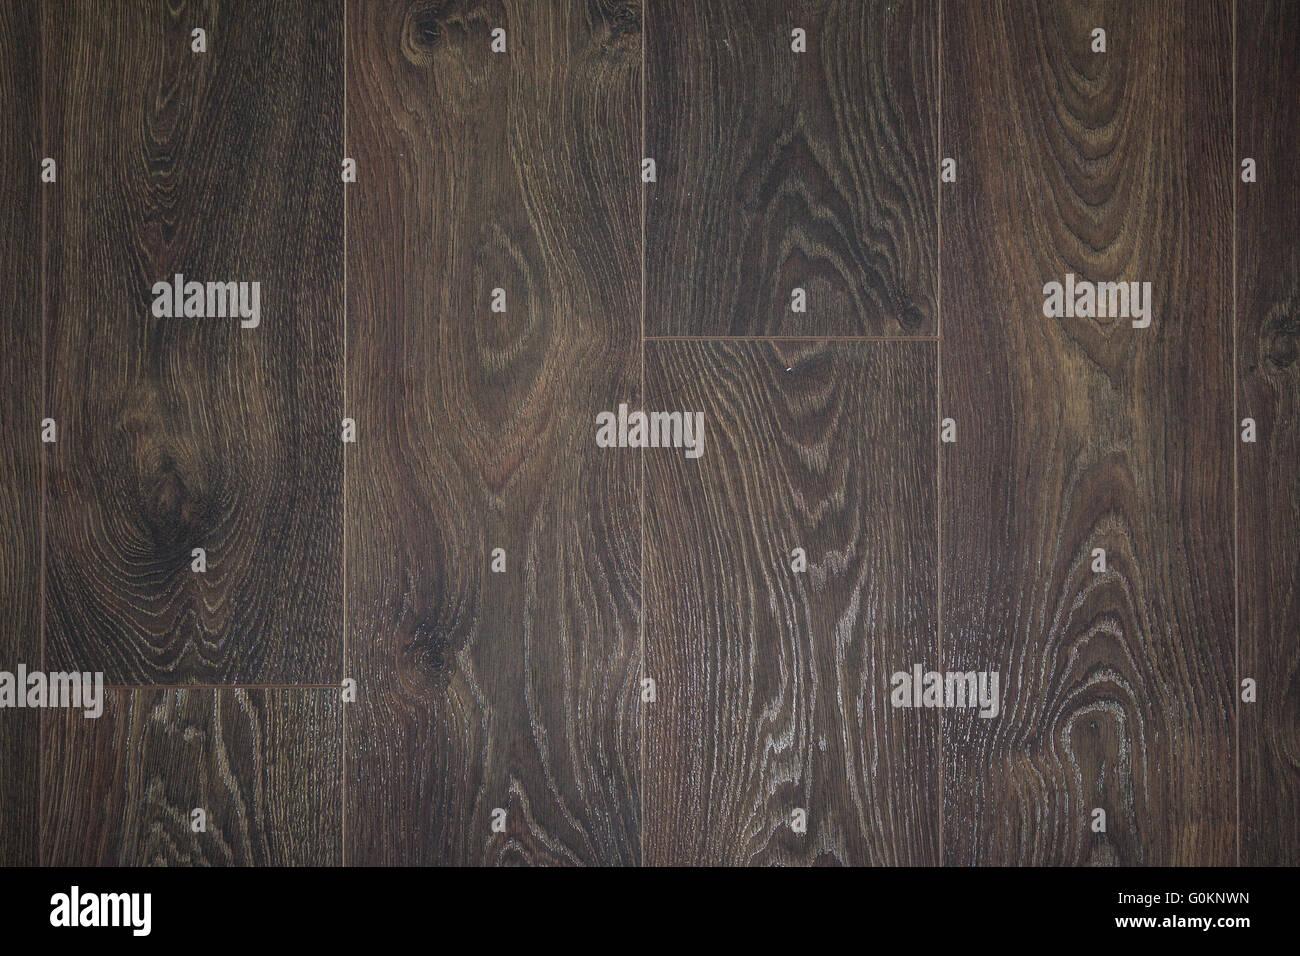 Holzboden Laminat   Bodenbelag Parkett Holz Stockbild